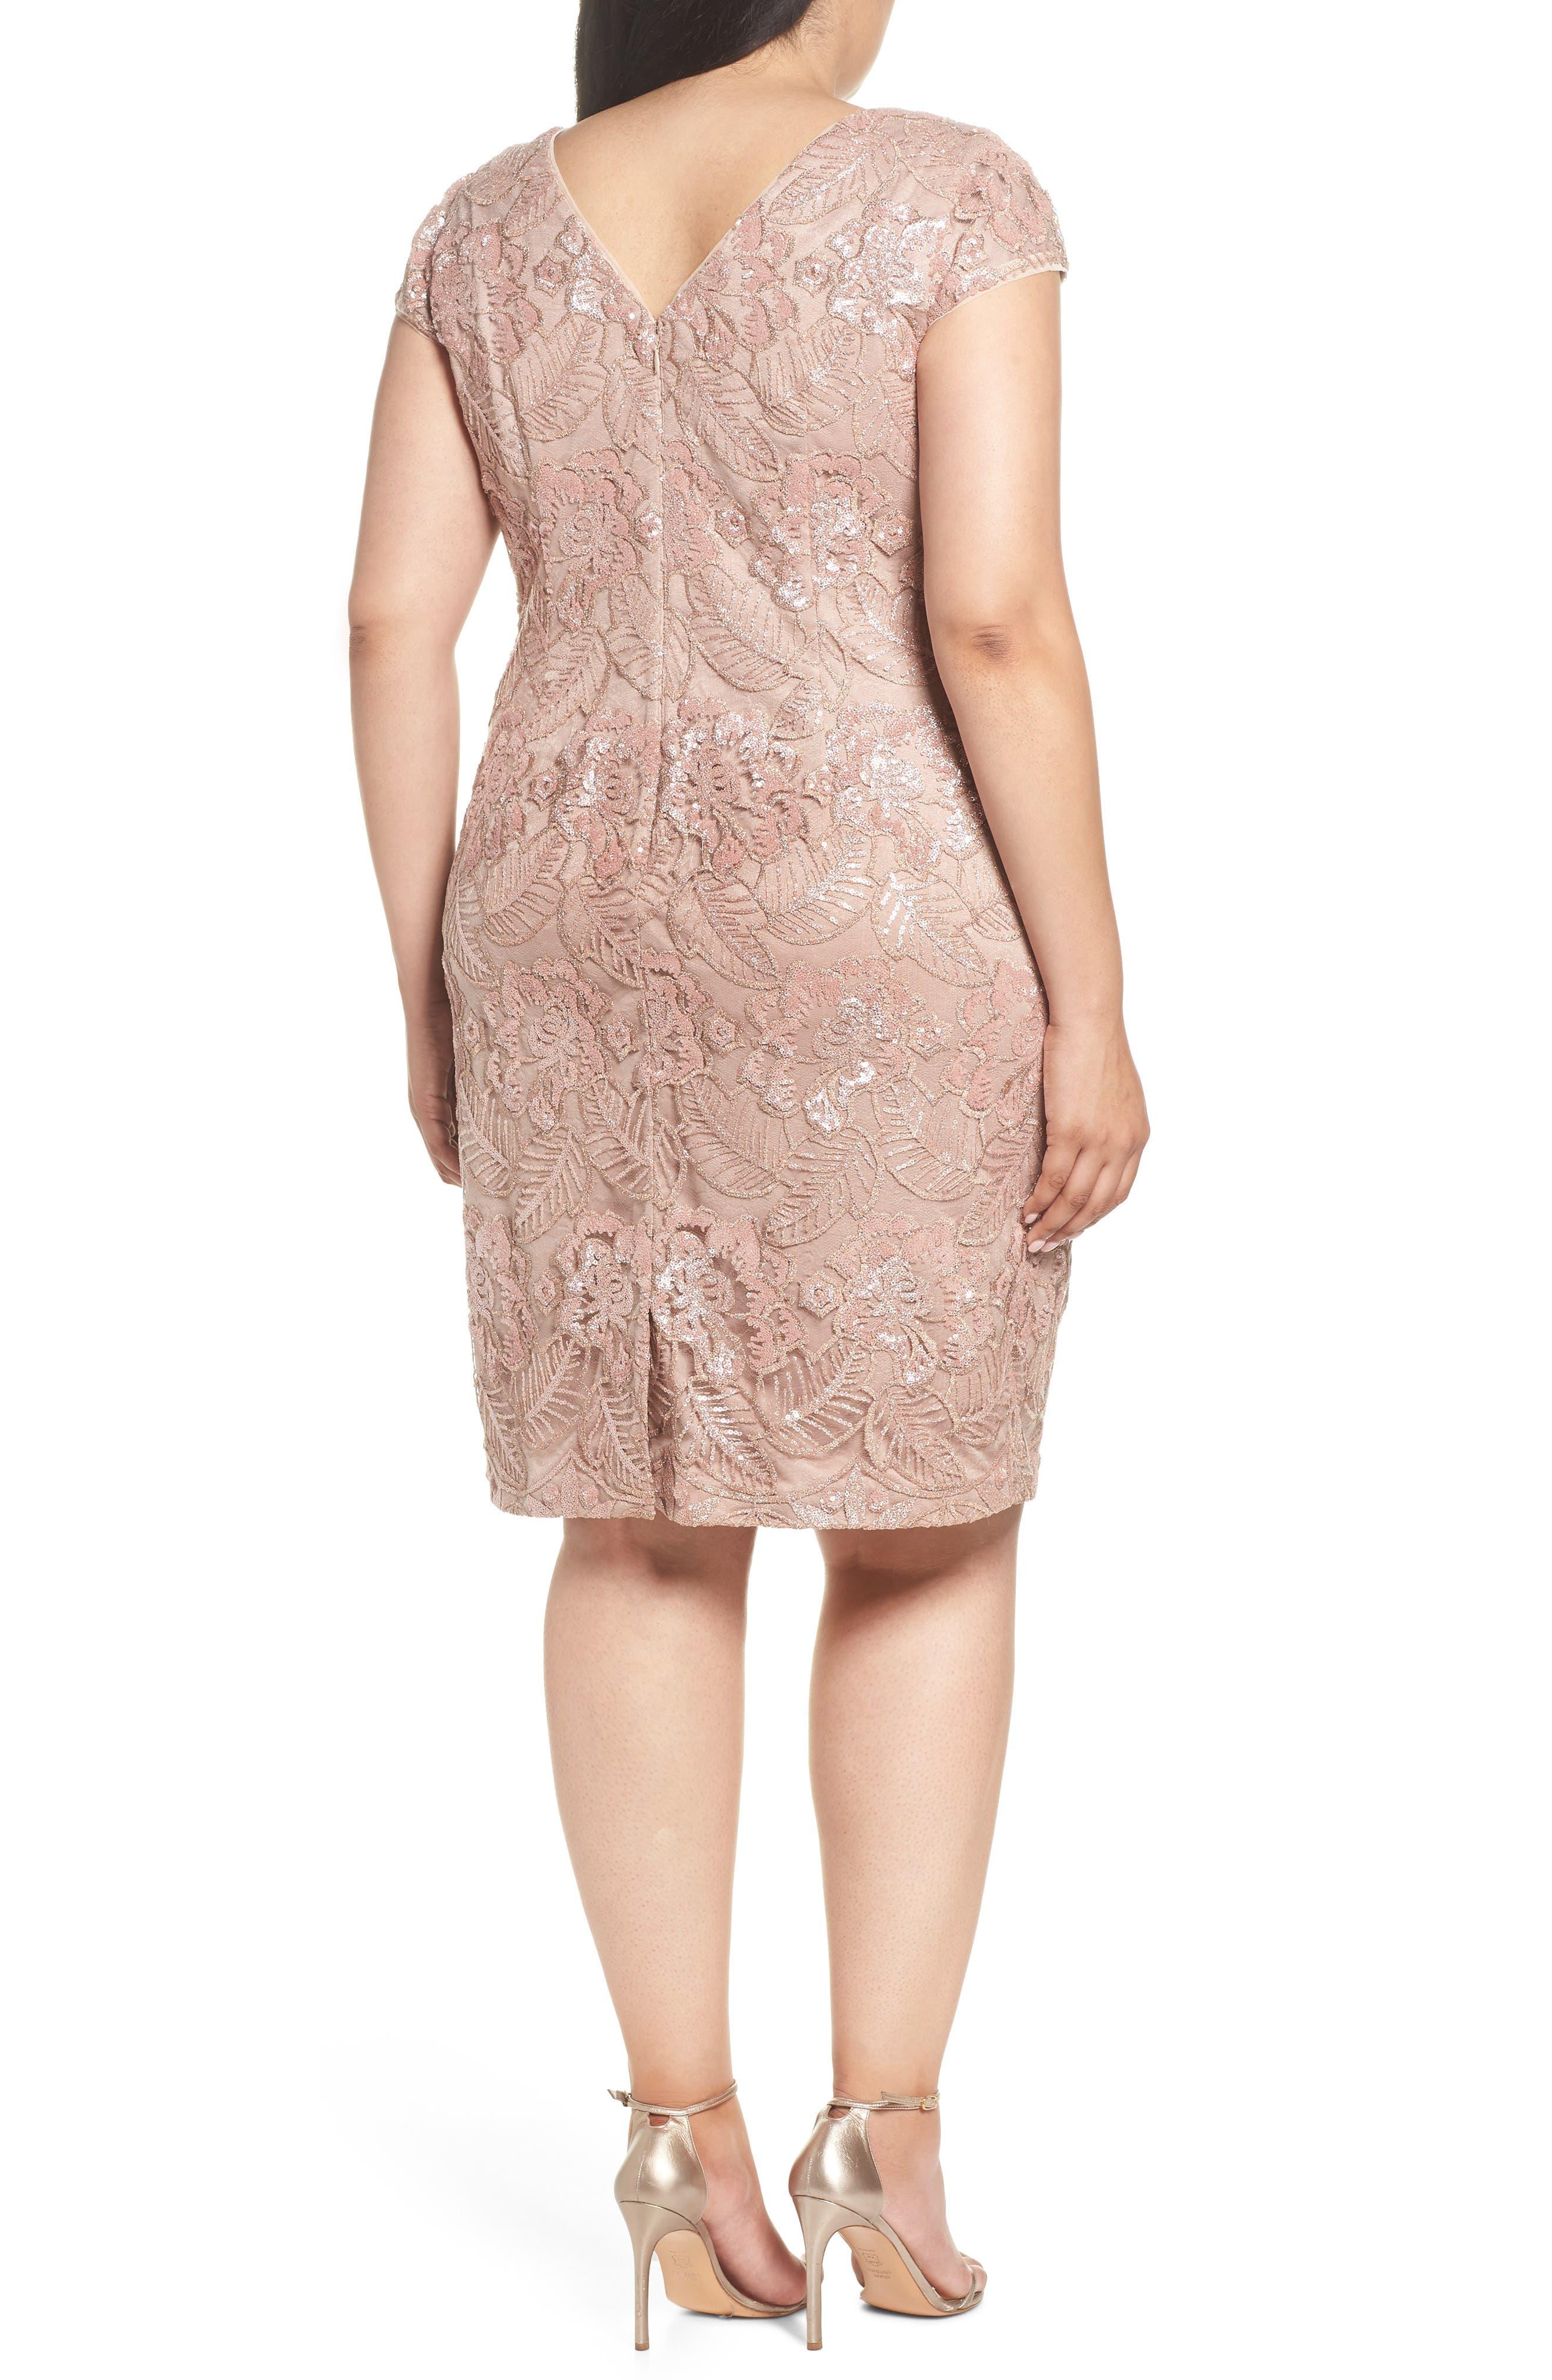 Sequin Lace Cocktail Dress,                             Alternate thumbnail 2, color,                             655